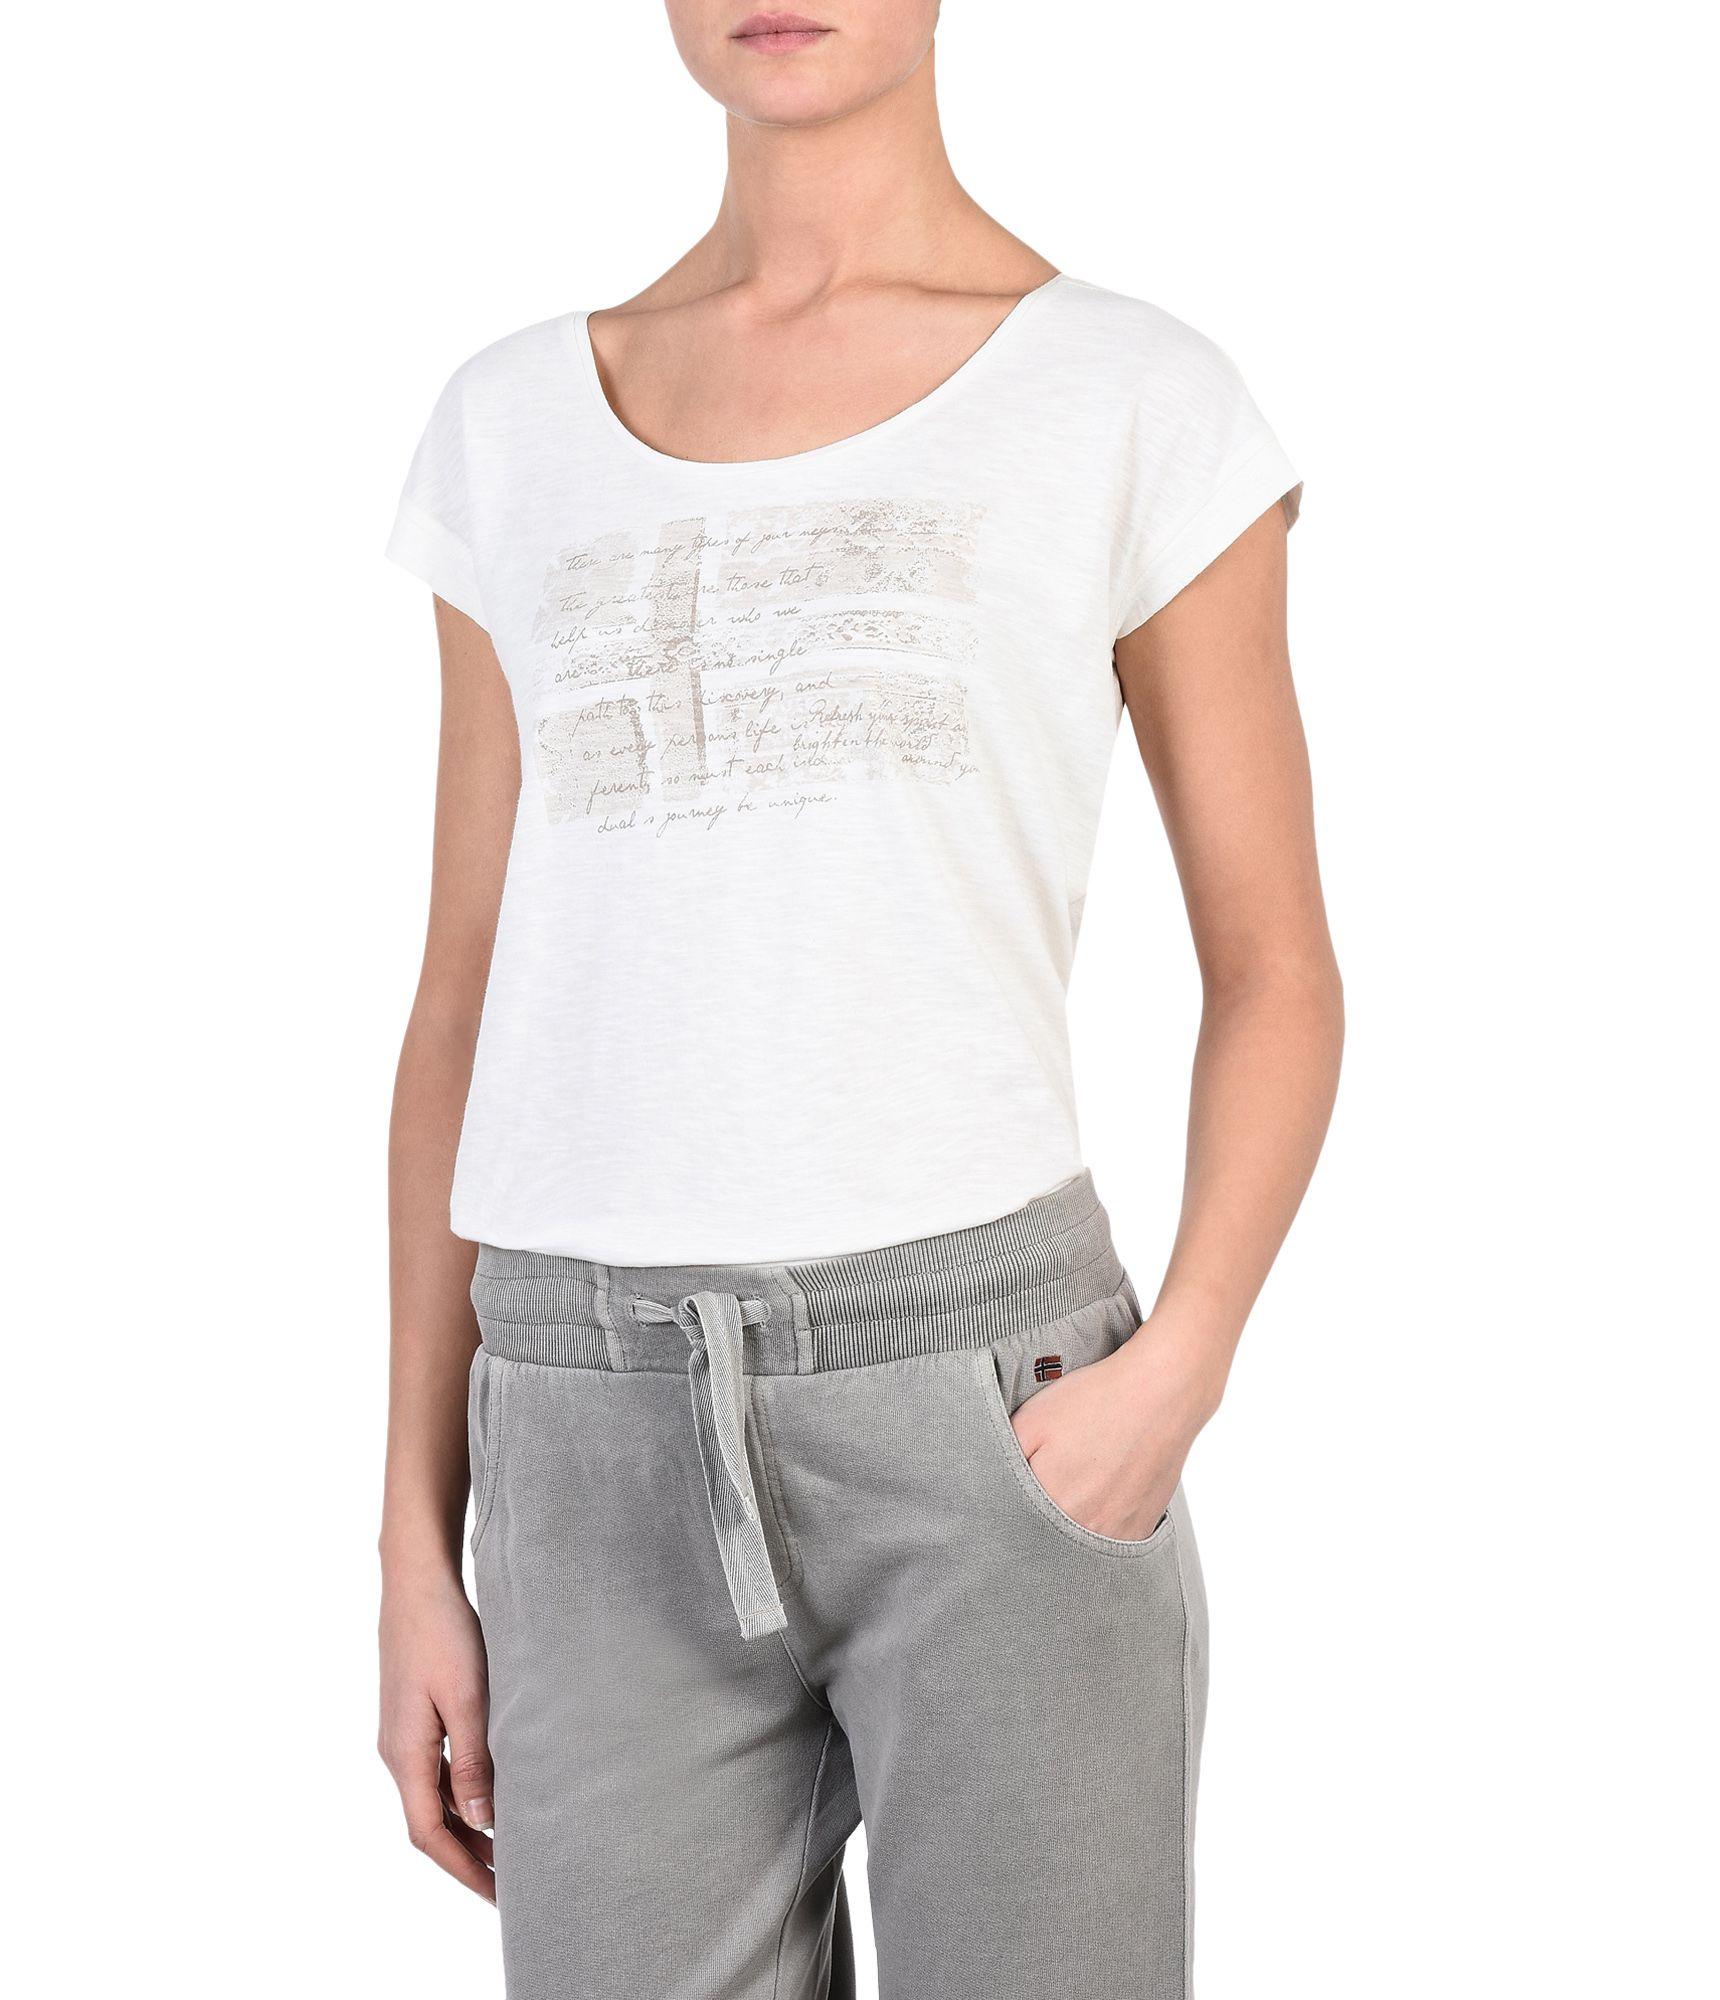 Artikel klicken und genauer betrachten! - Kurzarm-T-Shirt mit Rundhalsausschnitt Nach vorne verlegte Schulternähte Umgeschlagene Ärmelabschlüsse Grafikelemente Signaturdetails | im Online Shop kaufen